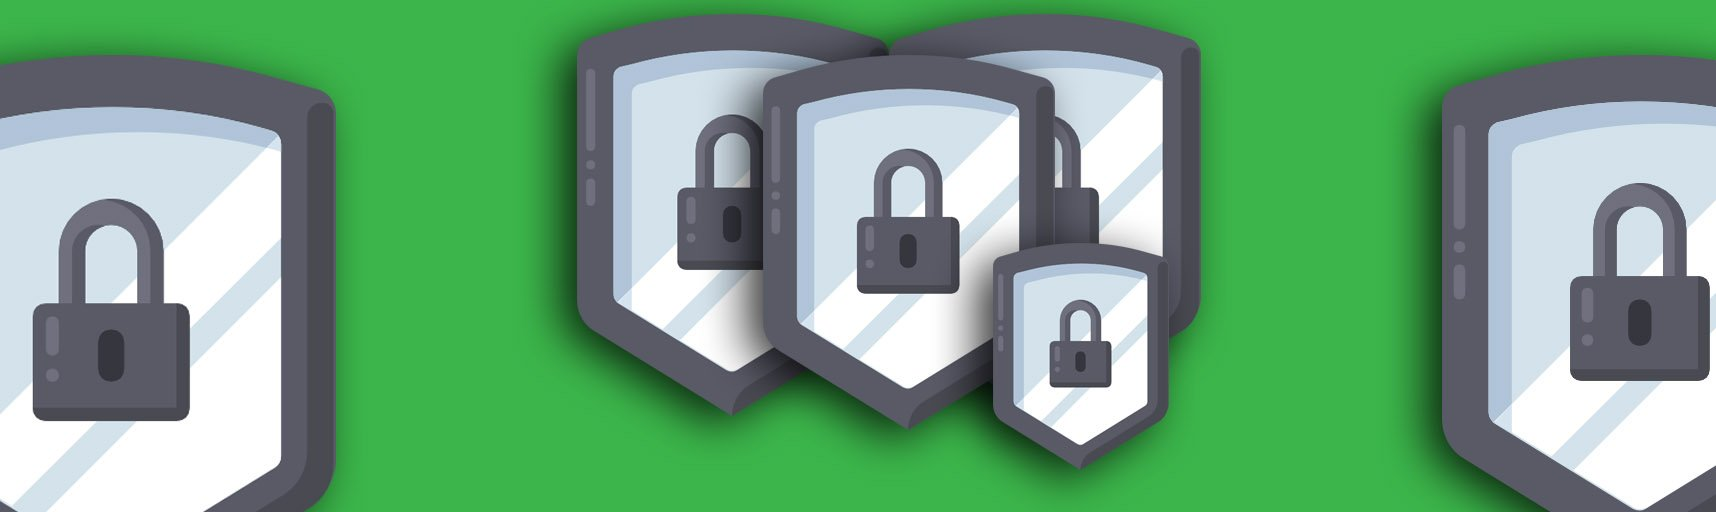 Những Điều Cần Biết Về Bảo Mật Đối Với Website WordPress